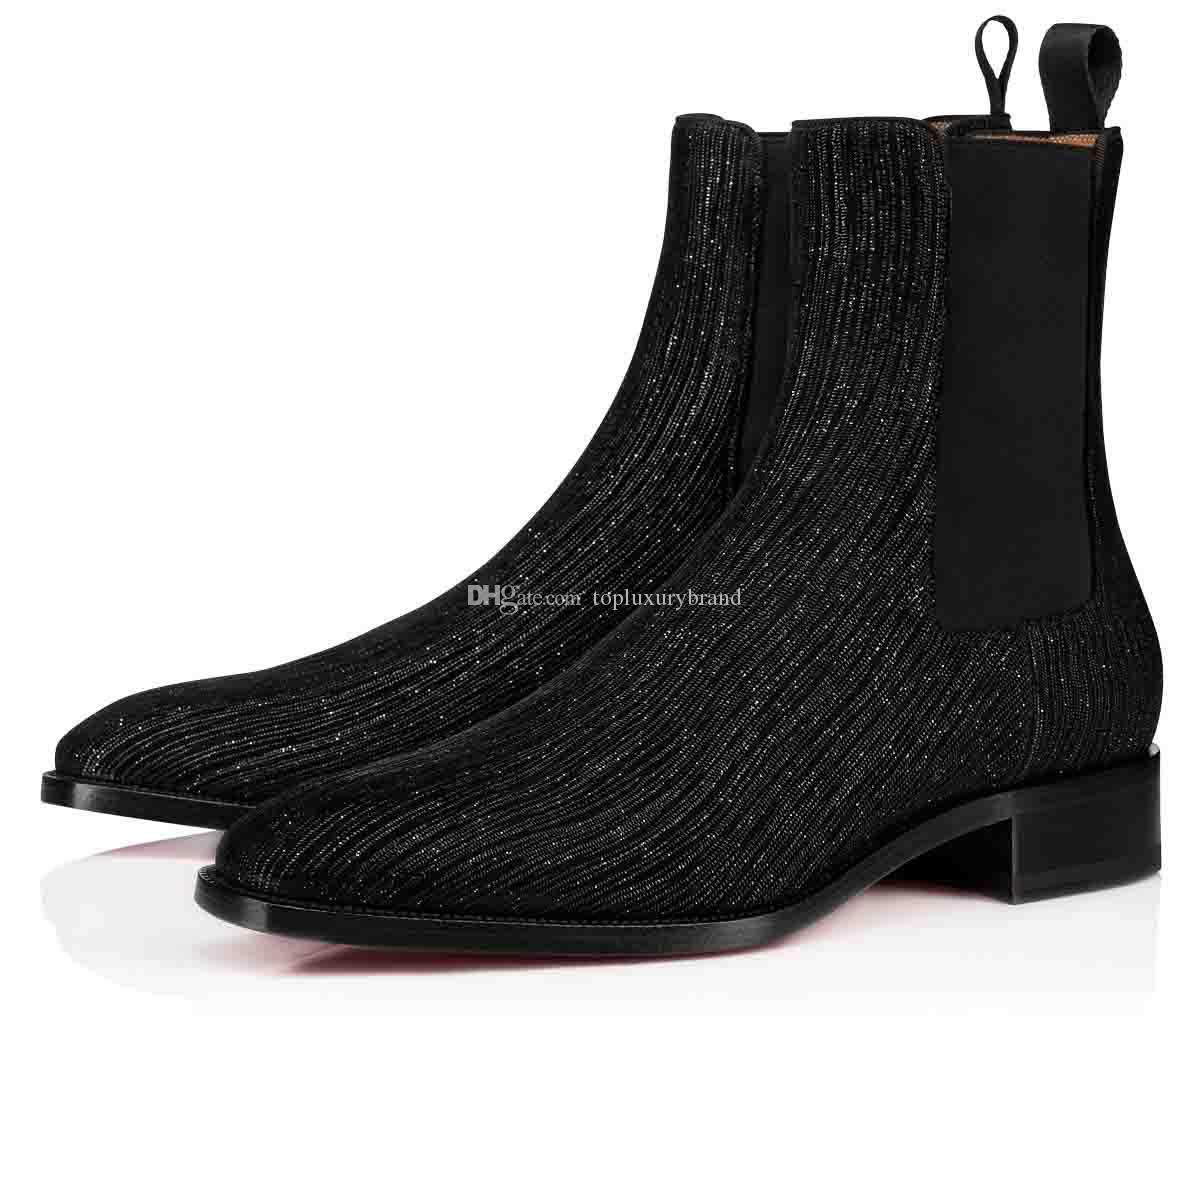 2019 Kış Sonbahar Erkek Çizme Marka Tasarımcılar Kırmızı Alt Ayak bileği Boot Samson Orlato Erkekler Gelinlik Deri Flats Ayakkabı Orta Çizme Süper Elemeleri